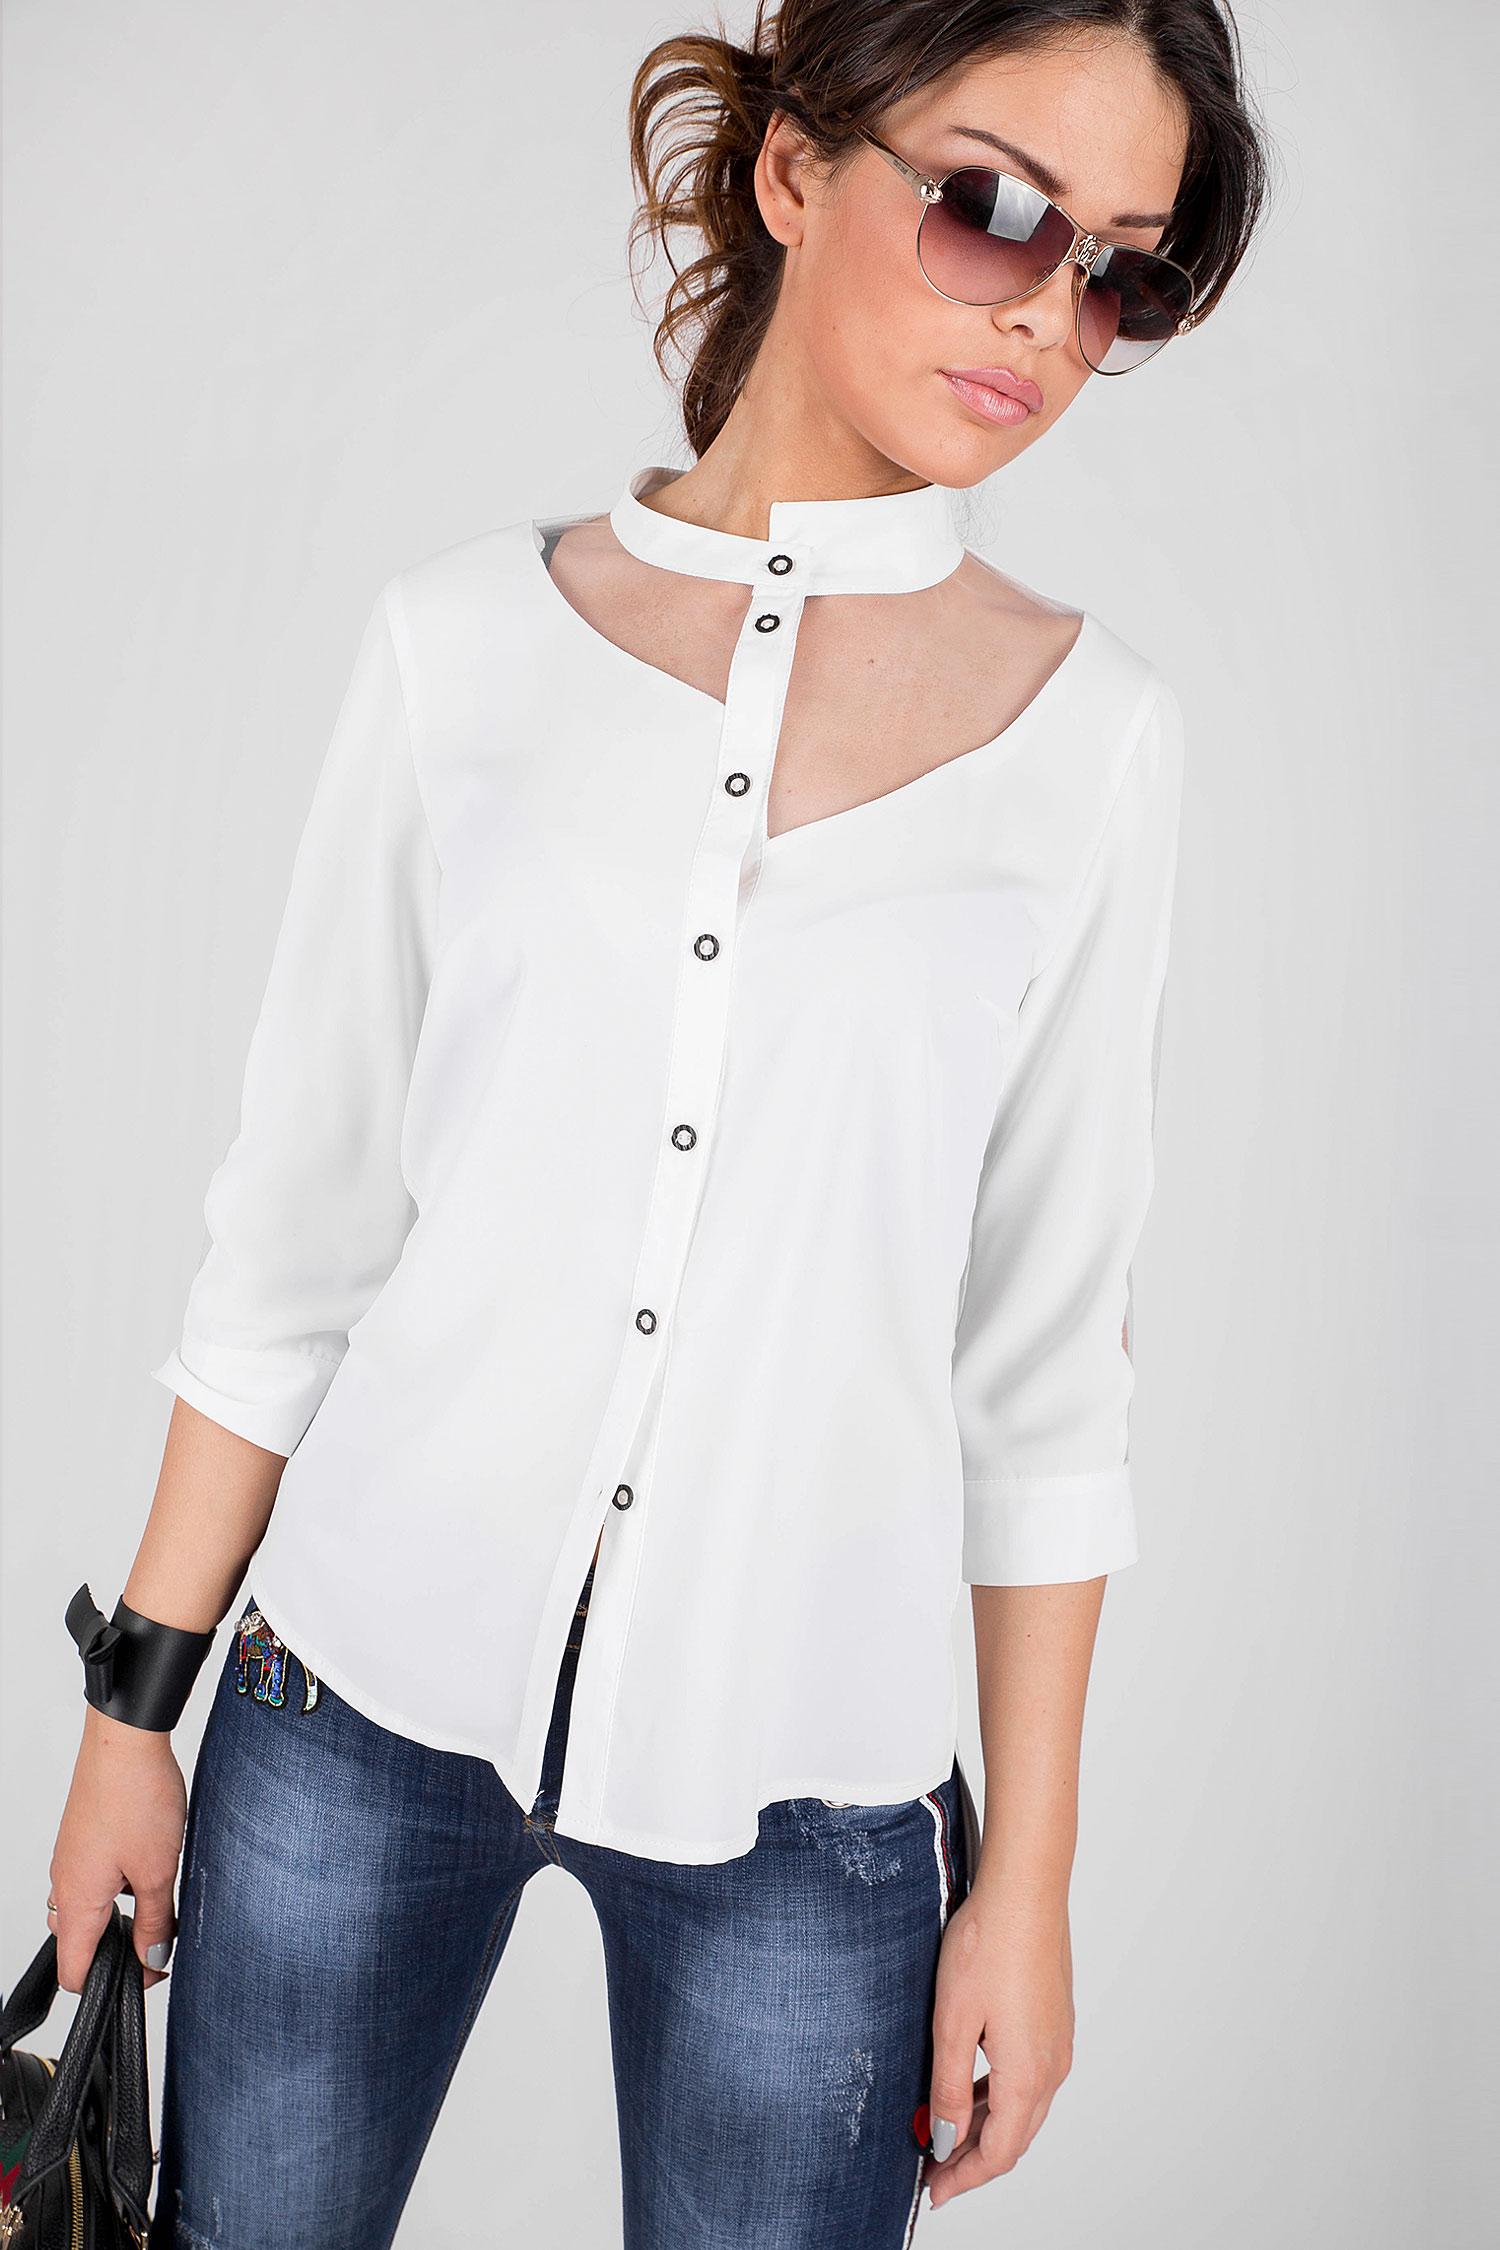 9998a0fd246 Елегантна дамска риза с асимитрична яка - Ephos България - Онлайн ...